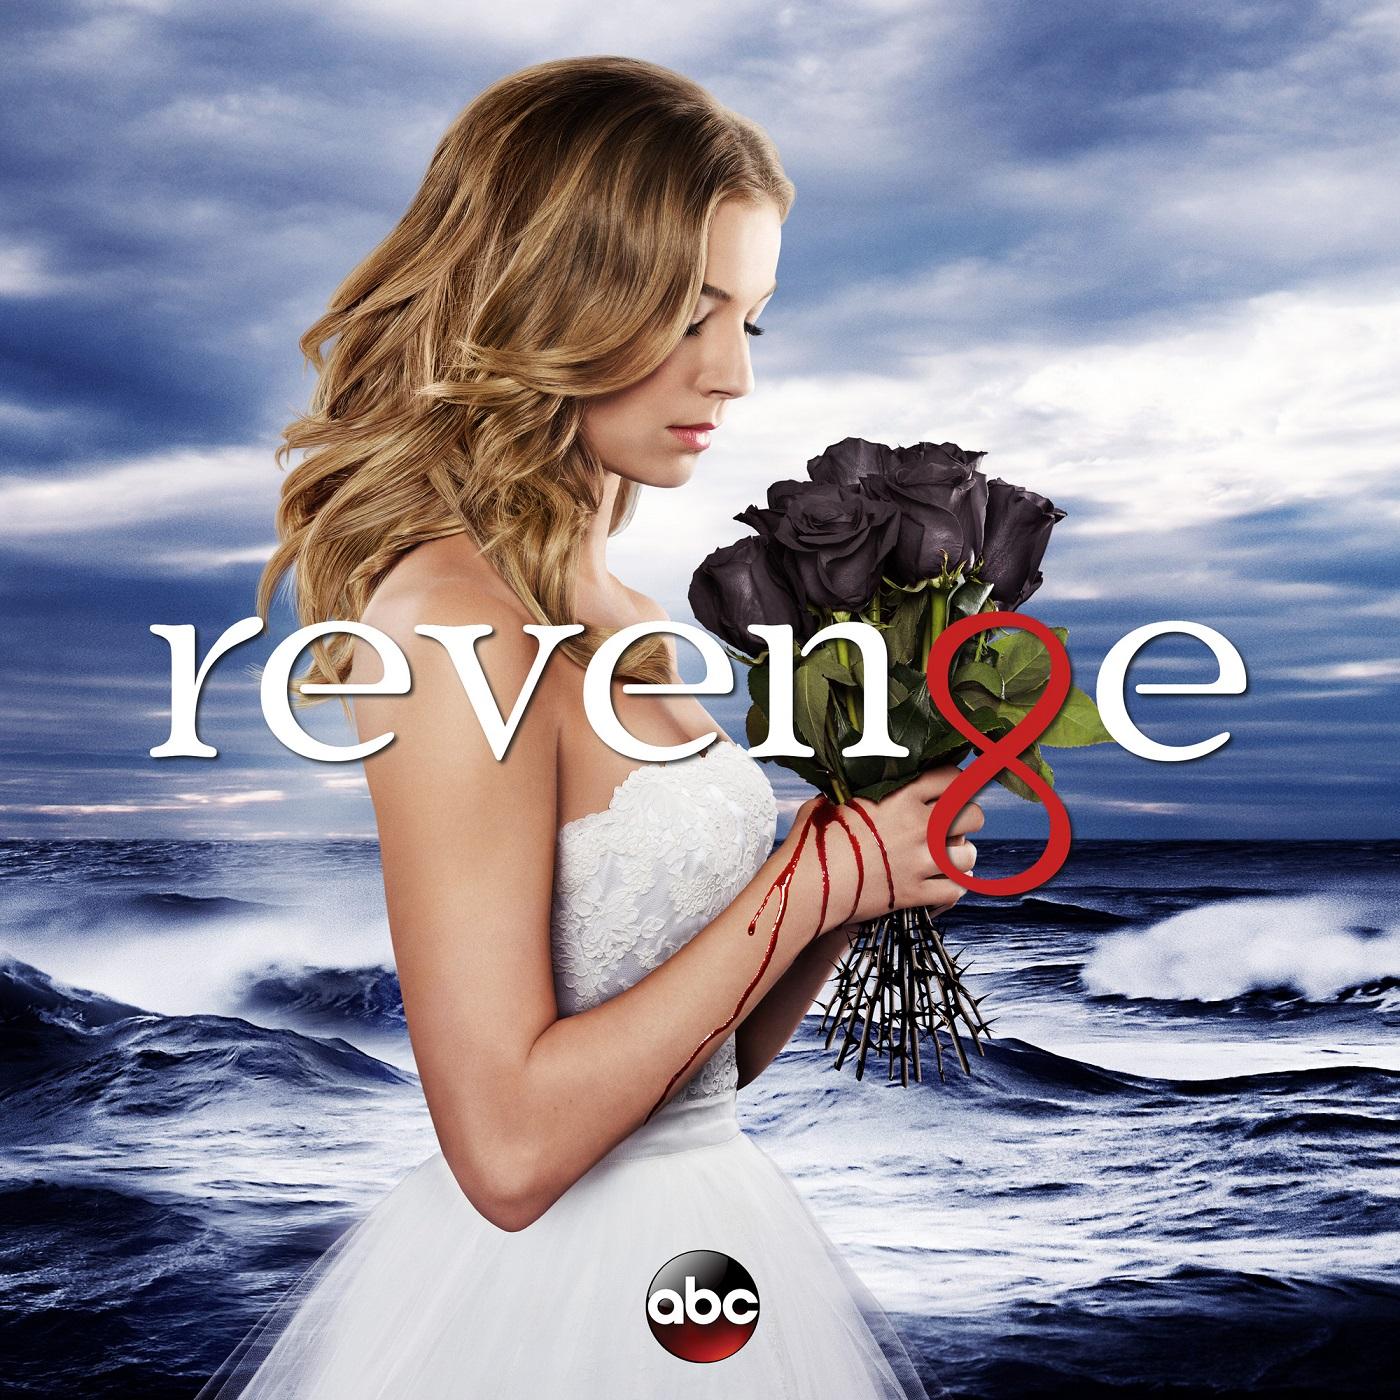 Revenge Seasons 01-04 | S04E01-E14 HDTV |720P M0uv